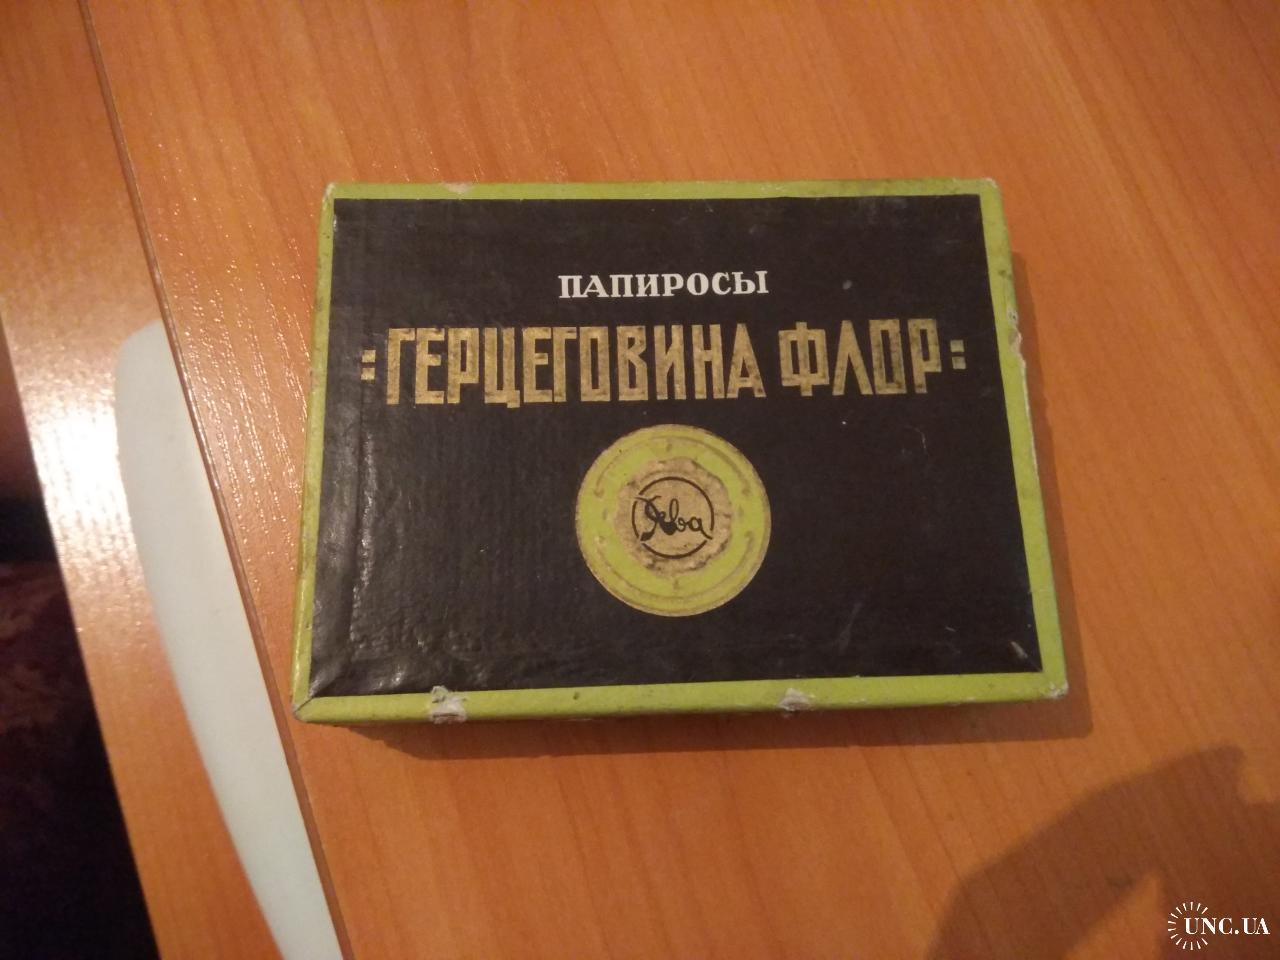 Где купить сигареты герцеговина сигареты оптом телеграмм